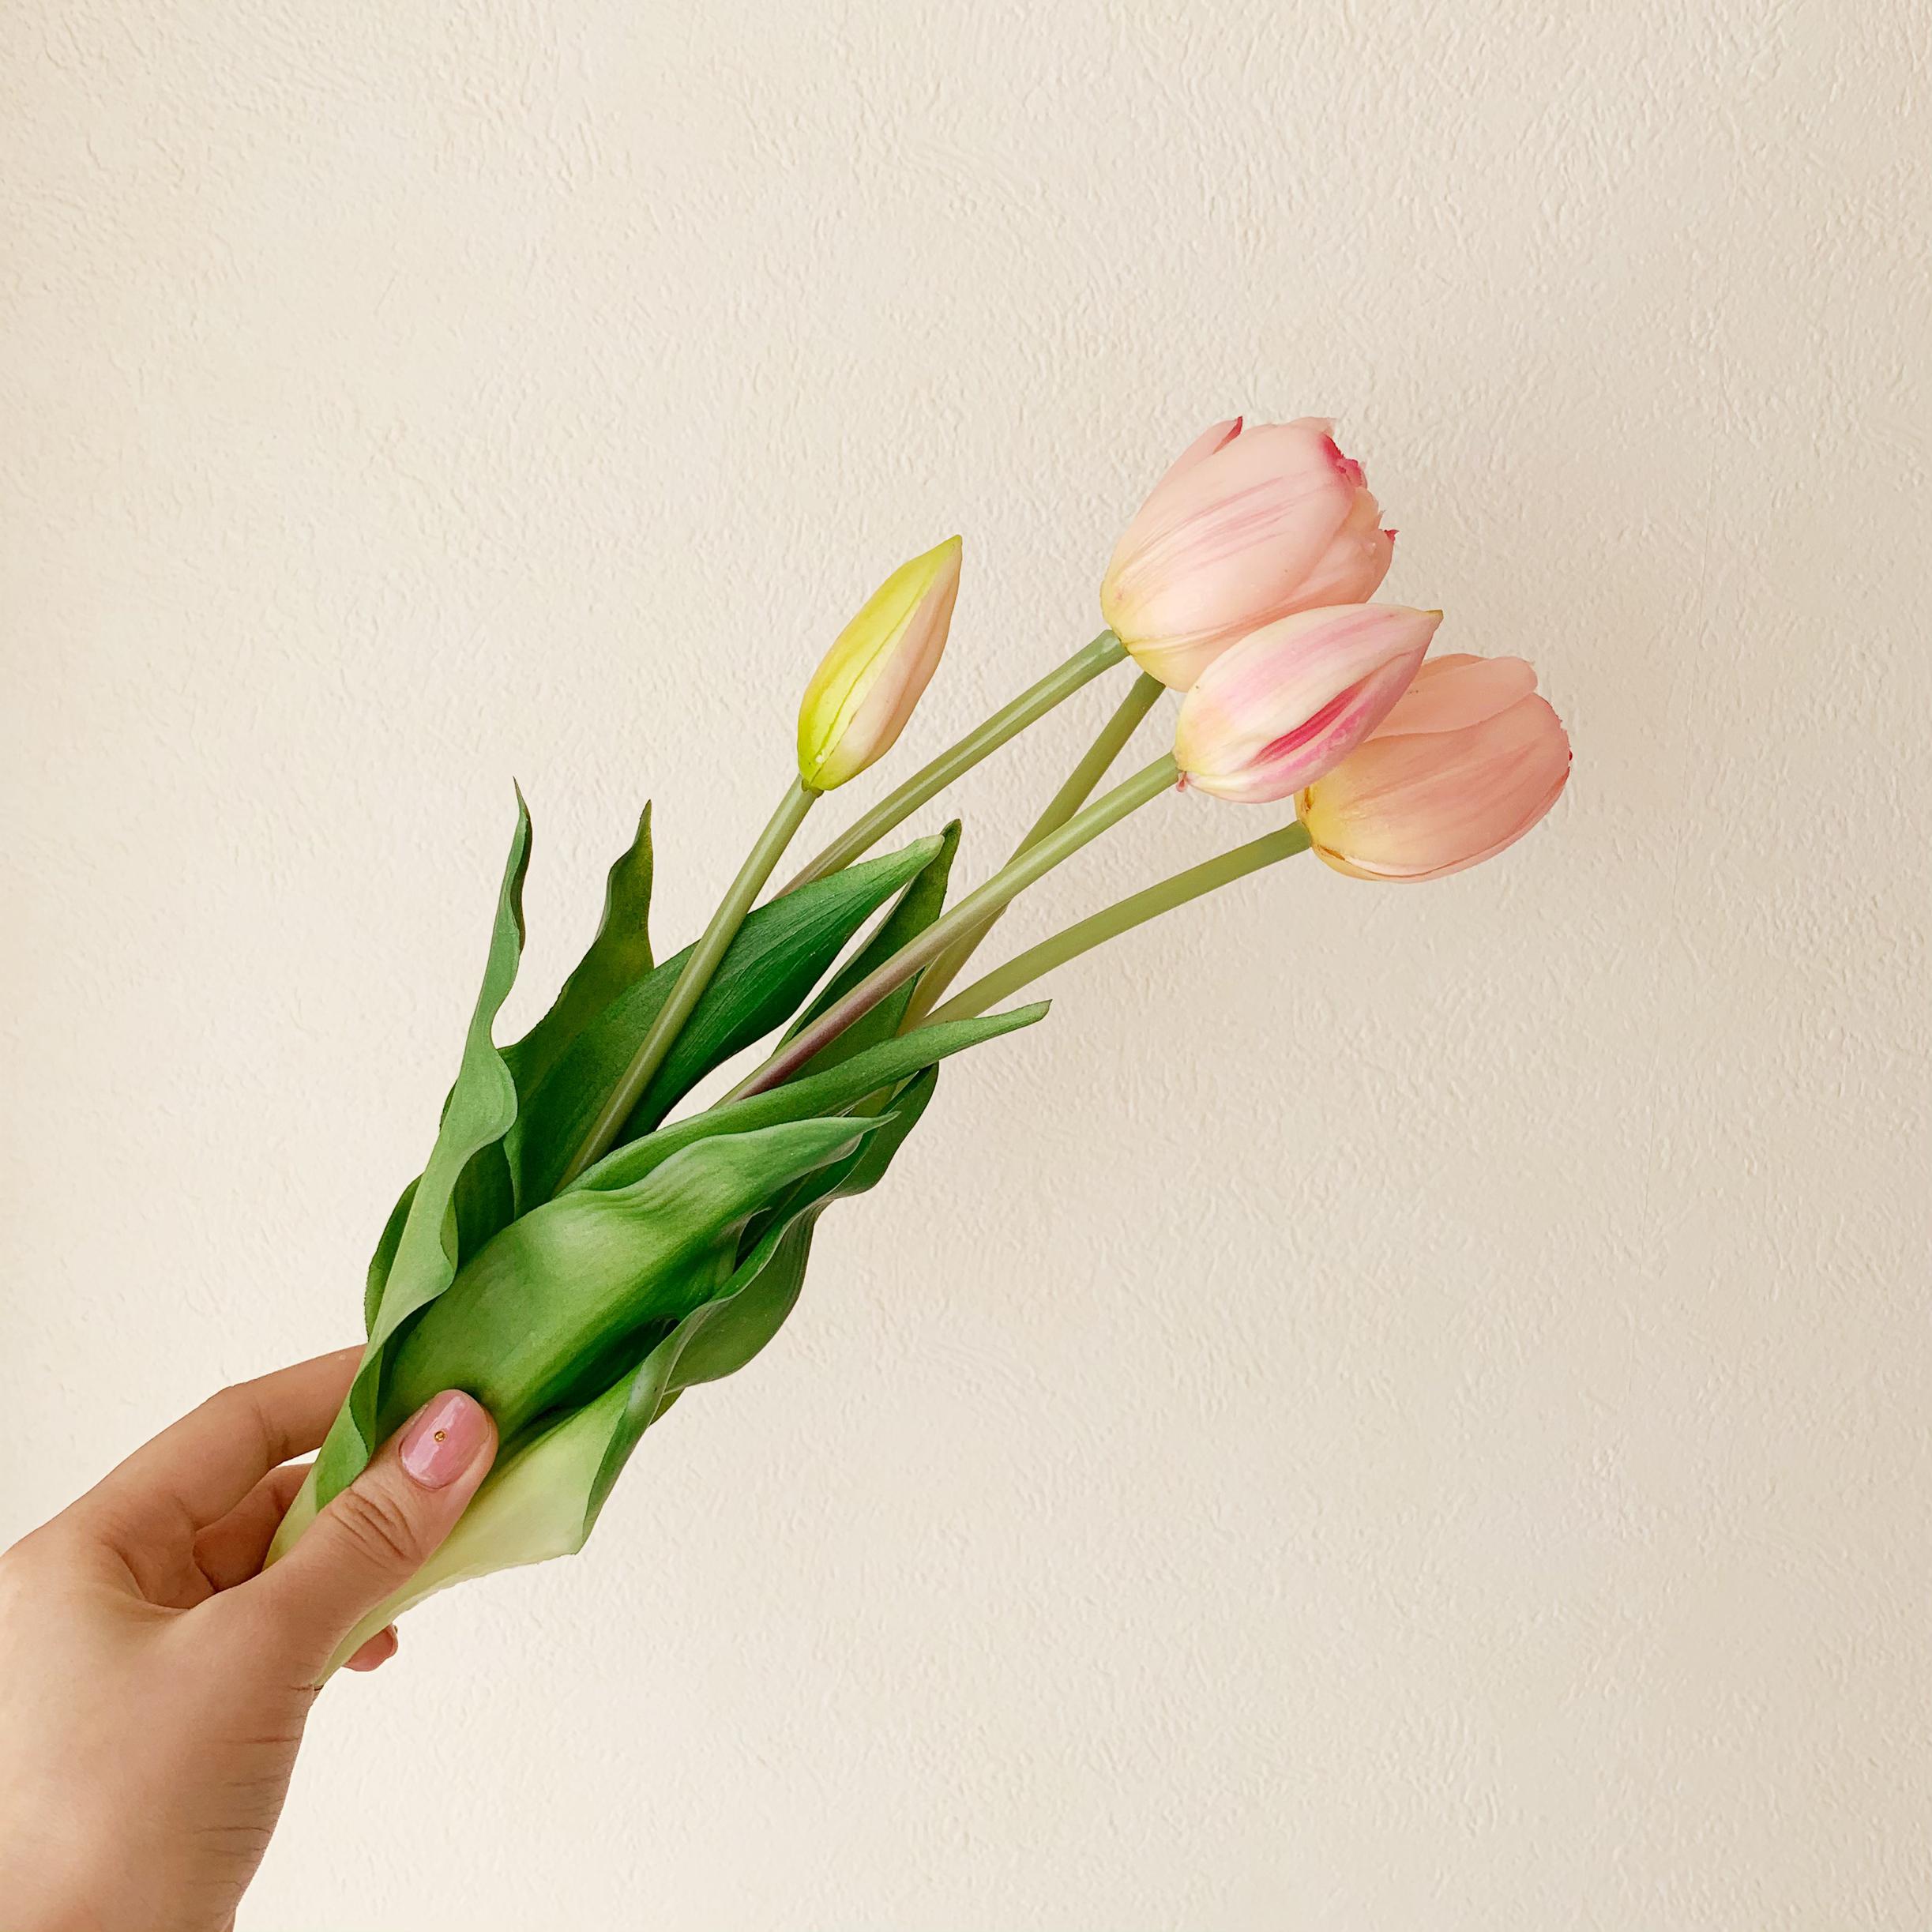 ピンクのチューリップ「愛の芽生え」